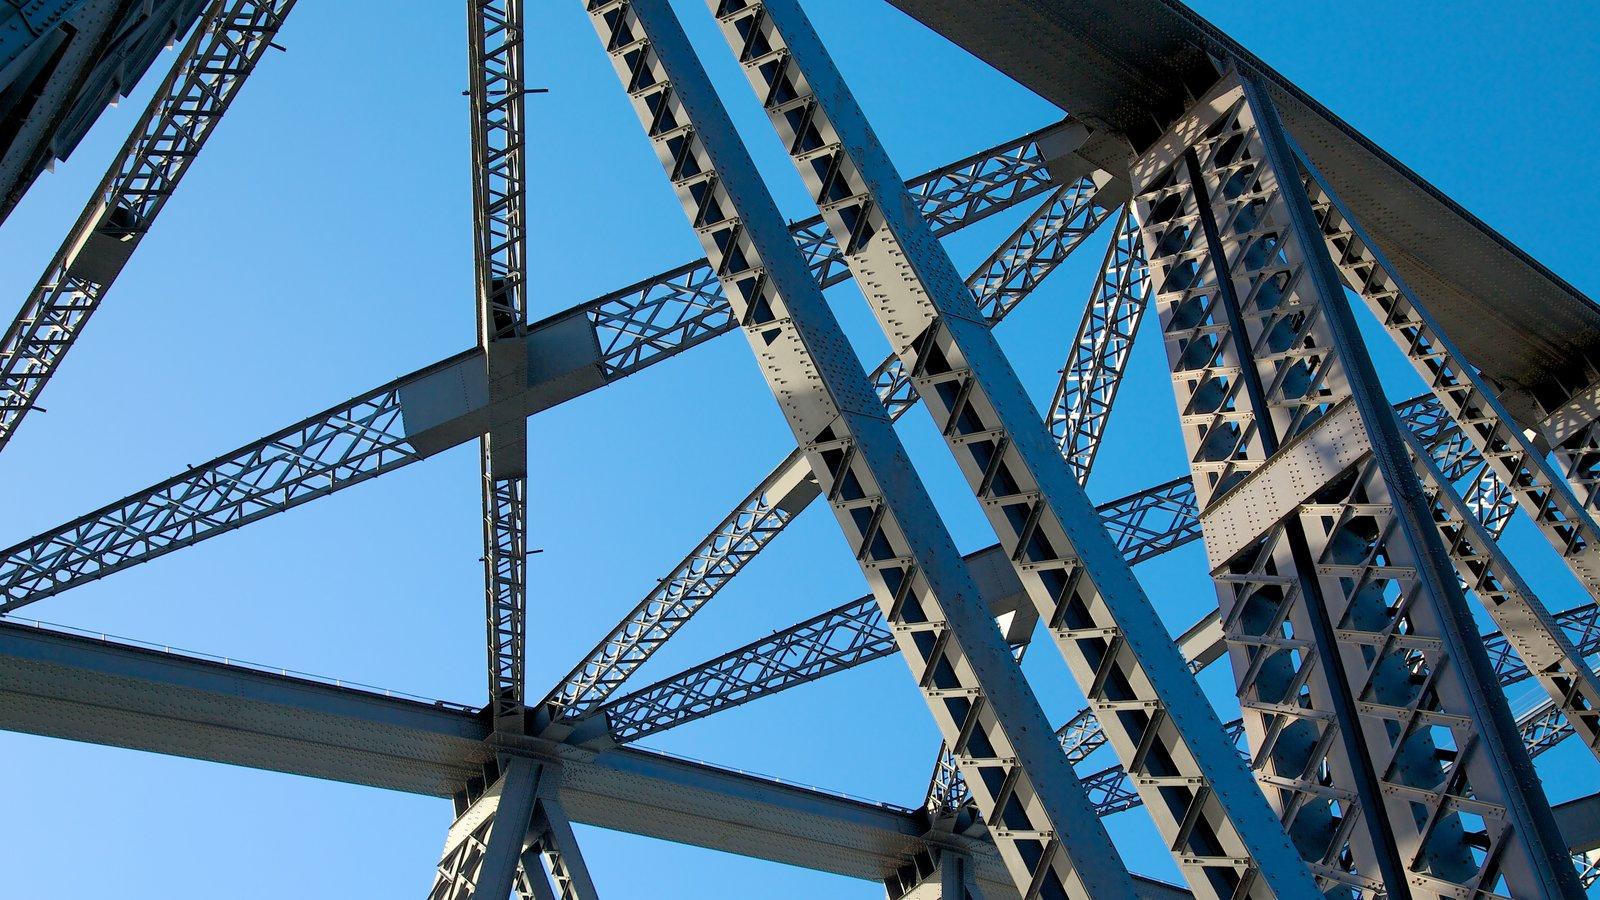 Puente de la bahía de Sídney mostrando arquitectura moderna y un puente